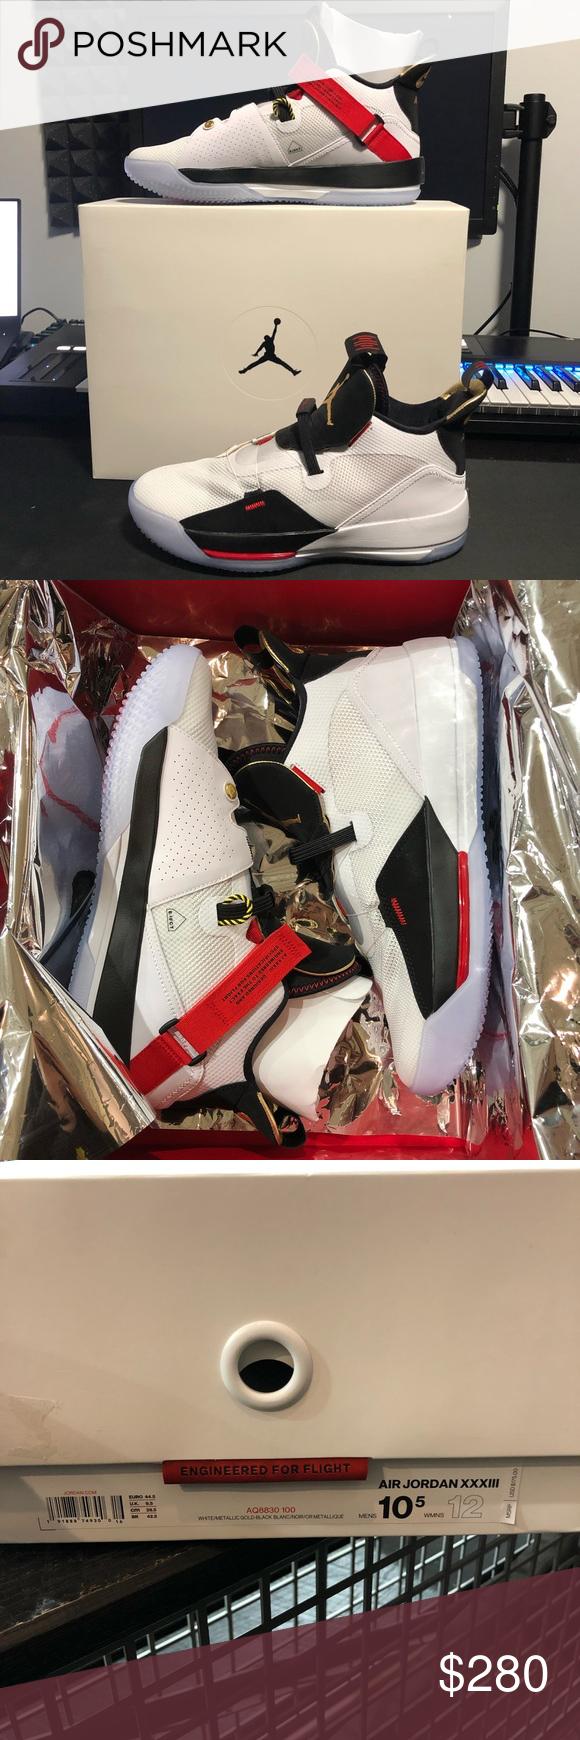 """620348f57d4b Air Jordan 33 Future Of Flight AQ8830 100 AIR JORDAN 33 """"FUTURE OF FLIGHT"""" AQ8830  100 MEN S SIZE 10.5 NEW IN BOX 100% AUTHENTIC DEADSTOCK Jordan Shoes ..."""